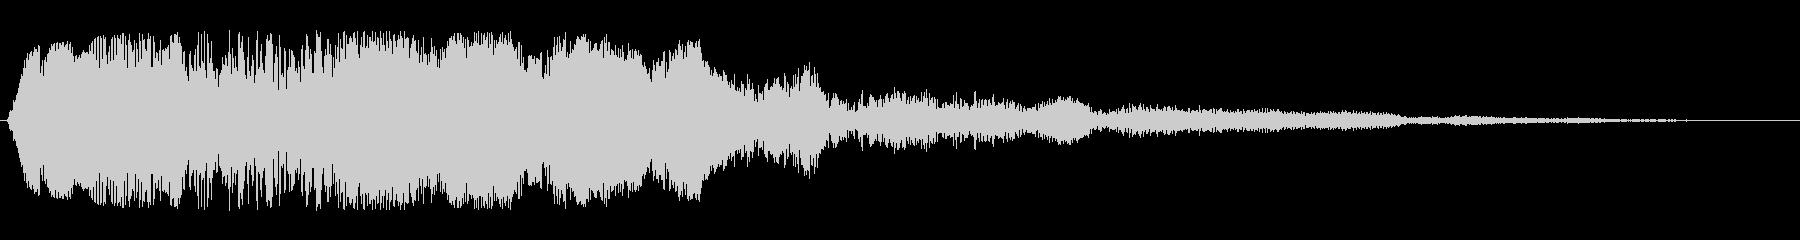 フゥーンというジングル系スペース音の未再生の波形